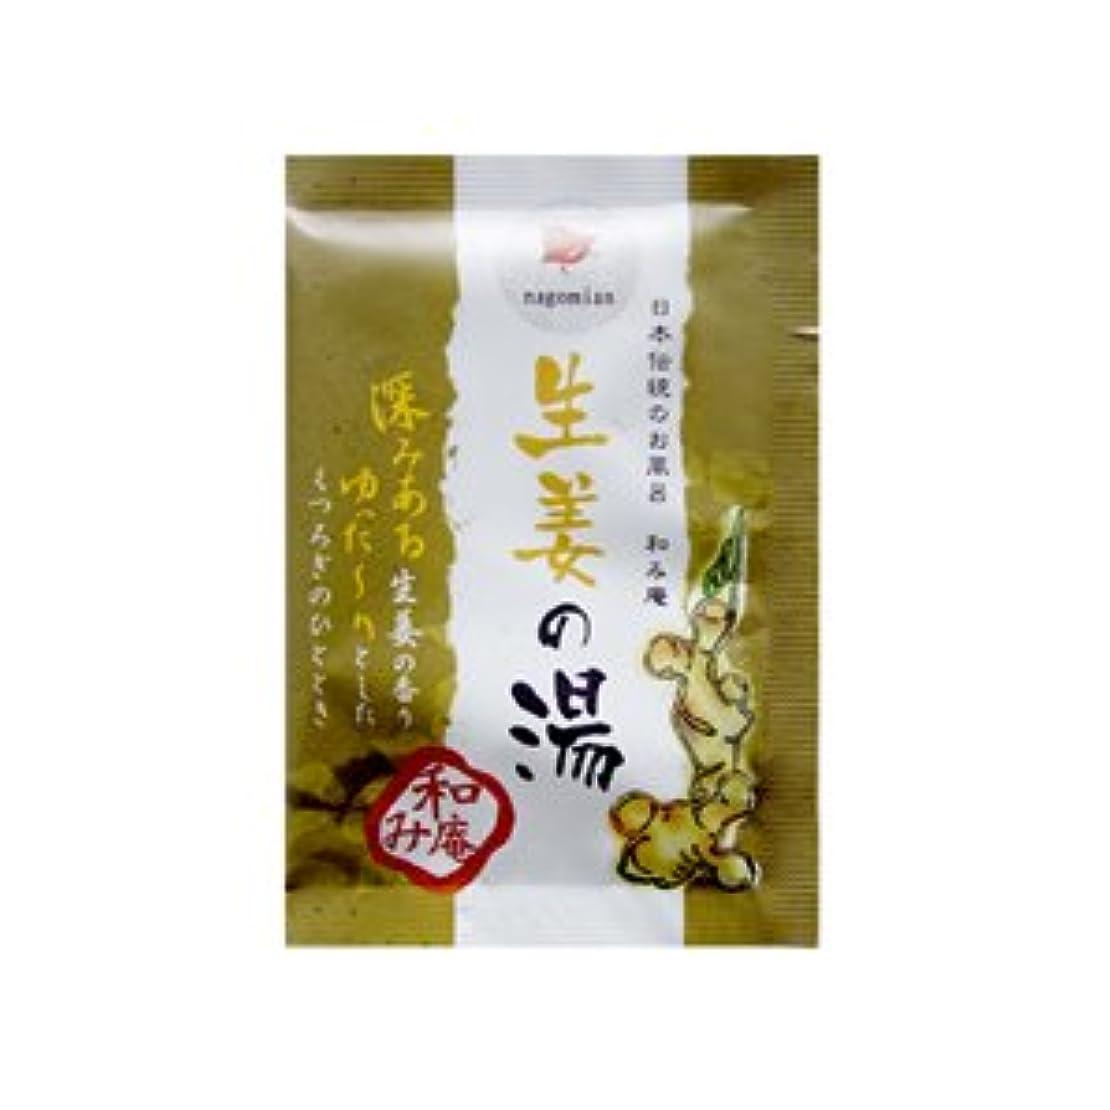 重要性接続詞視力日本伝統のお風呂 和み庵 生姜の湯 25g 5個セット